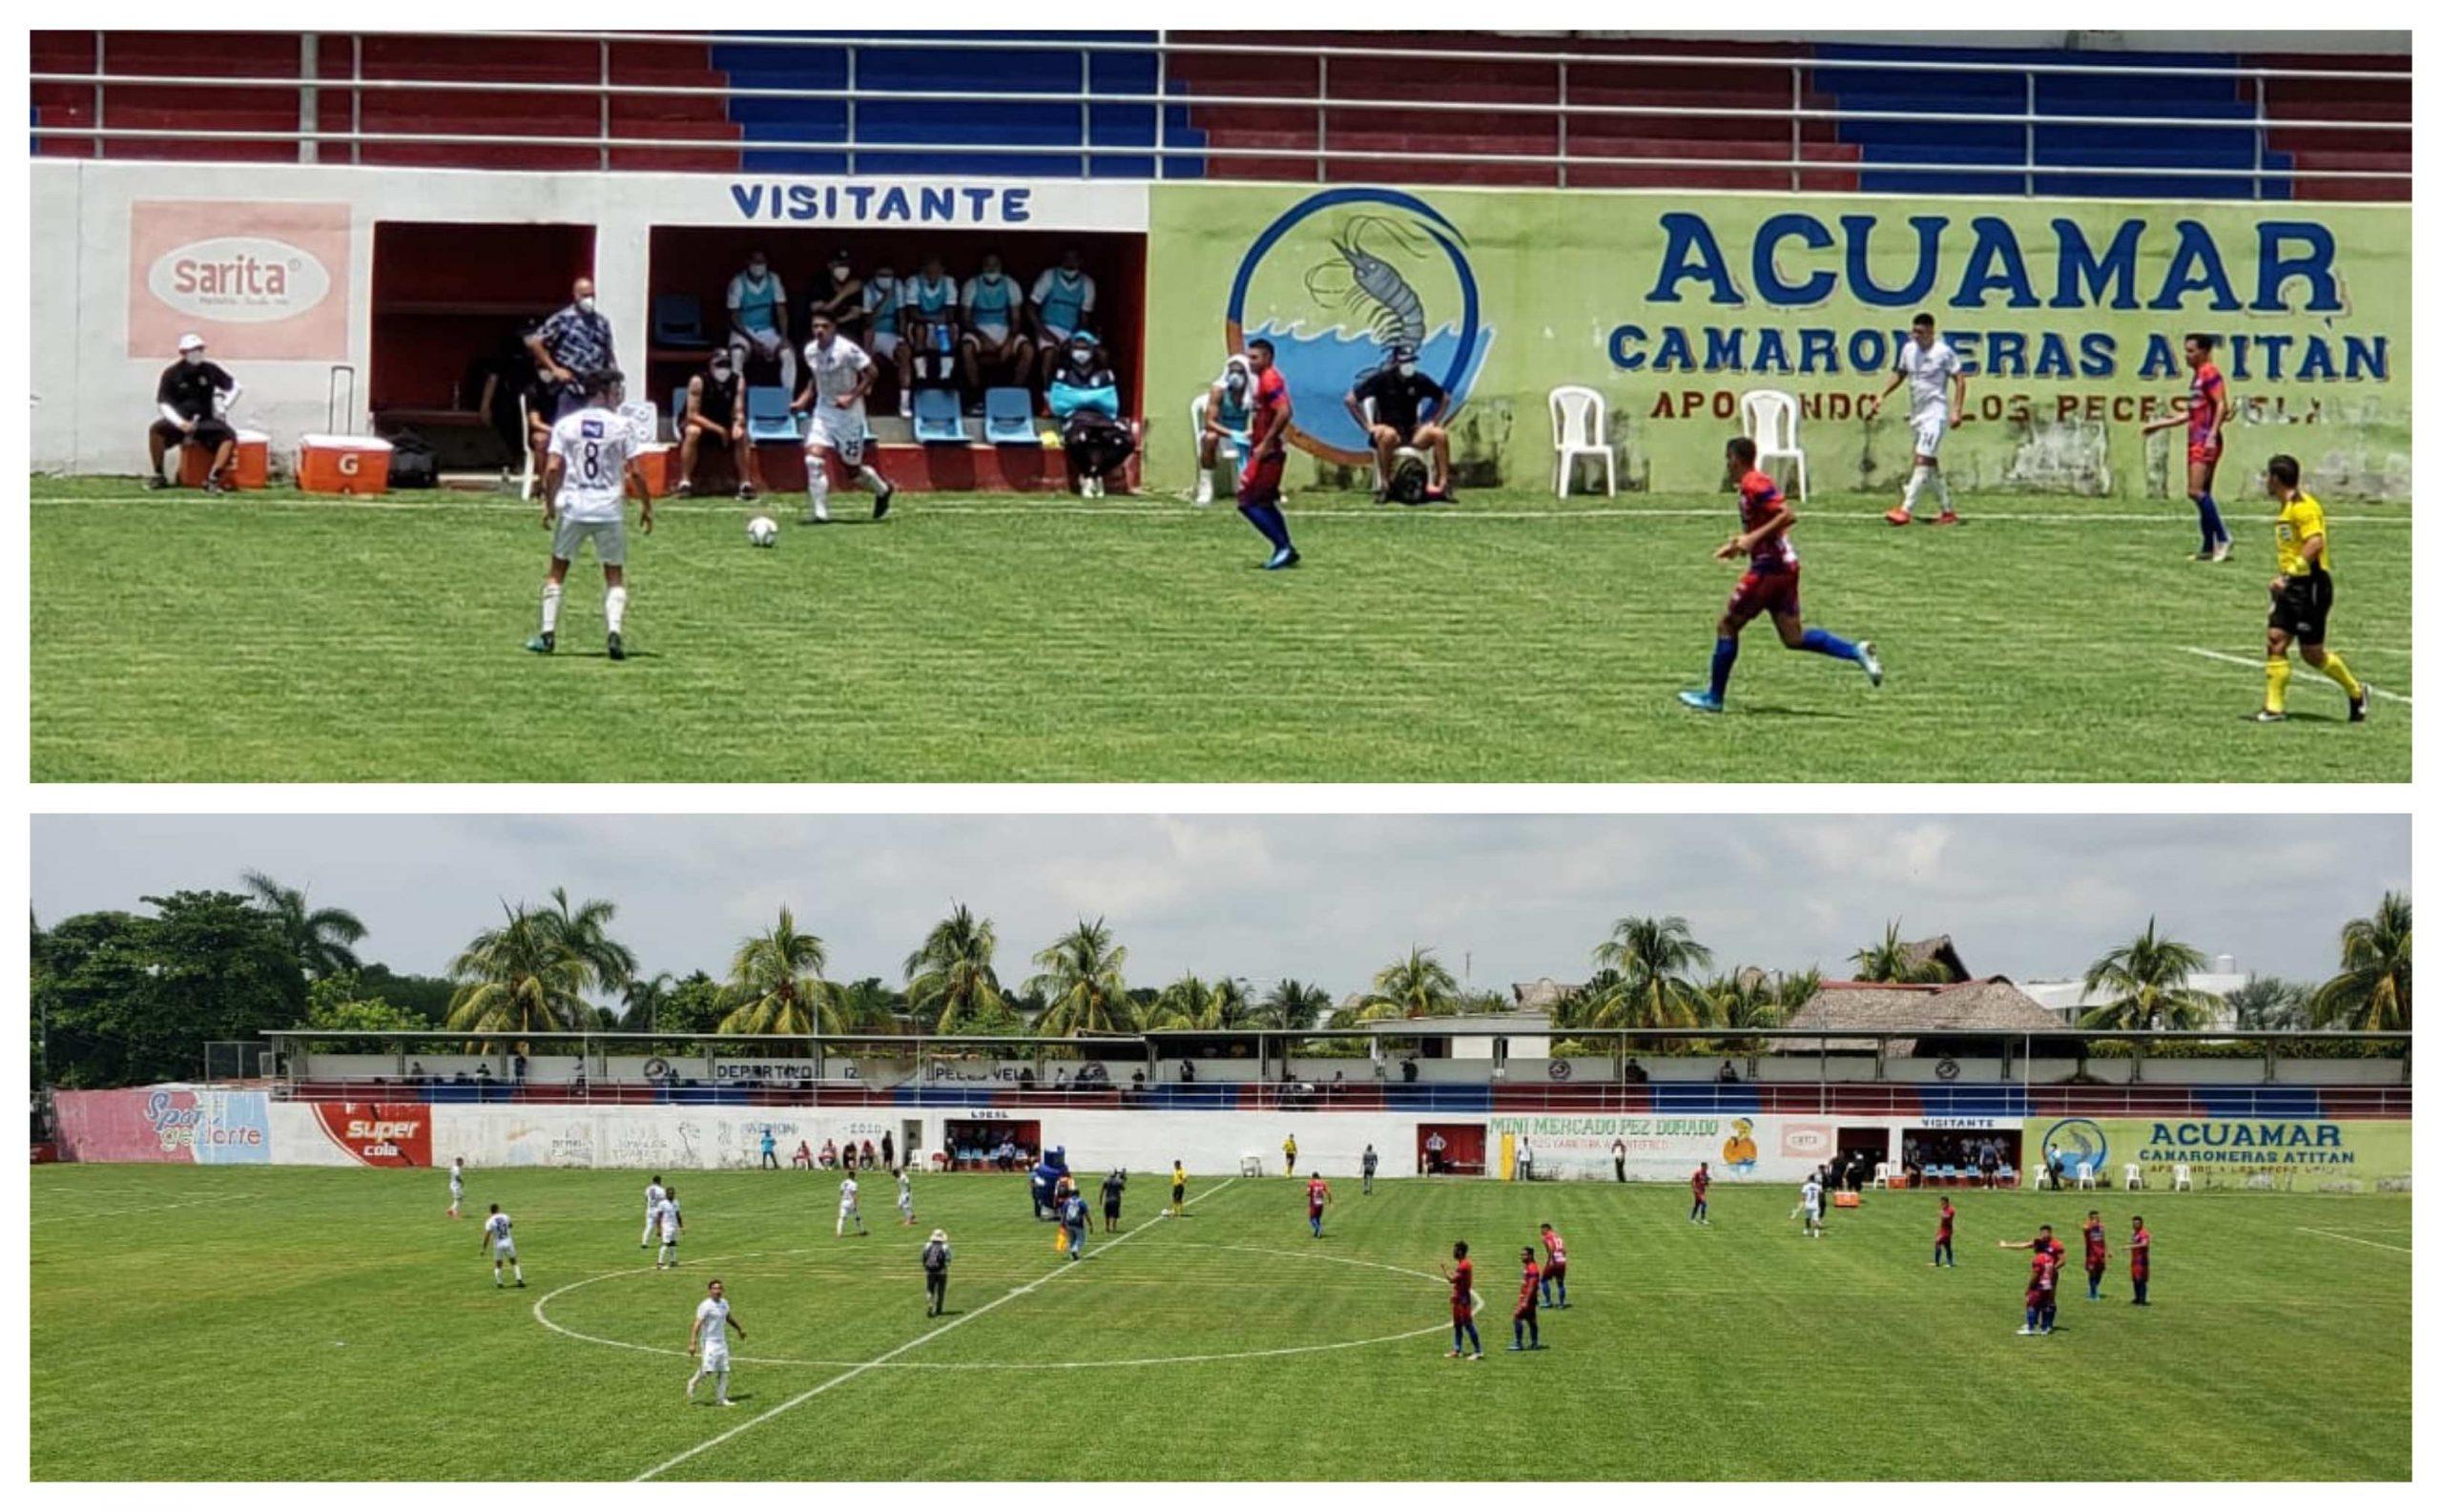 Iztapa y Comunicaciones empataron 1-1 en el Estadio El Morón, bajo un intenso calor que promedió los 30° centígrados durante el juego. (Foto: Liga Nacional)